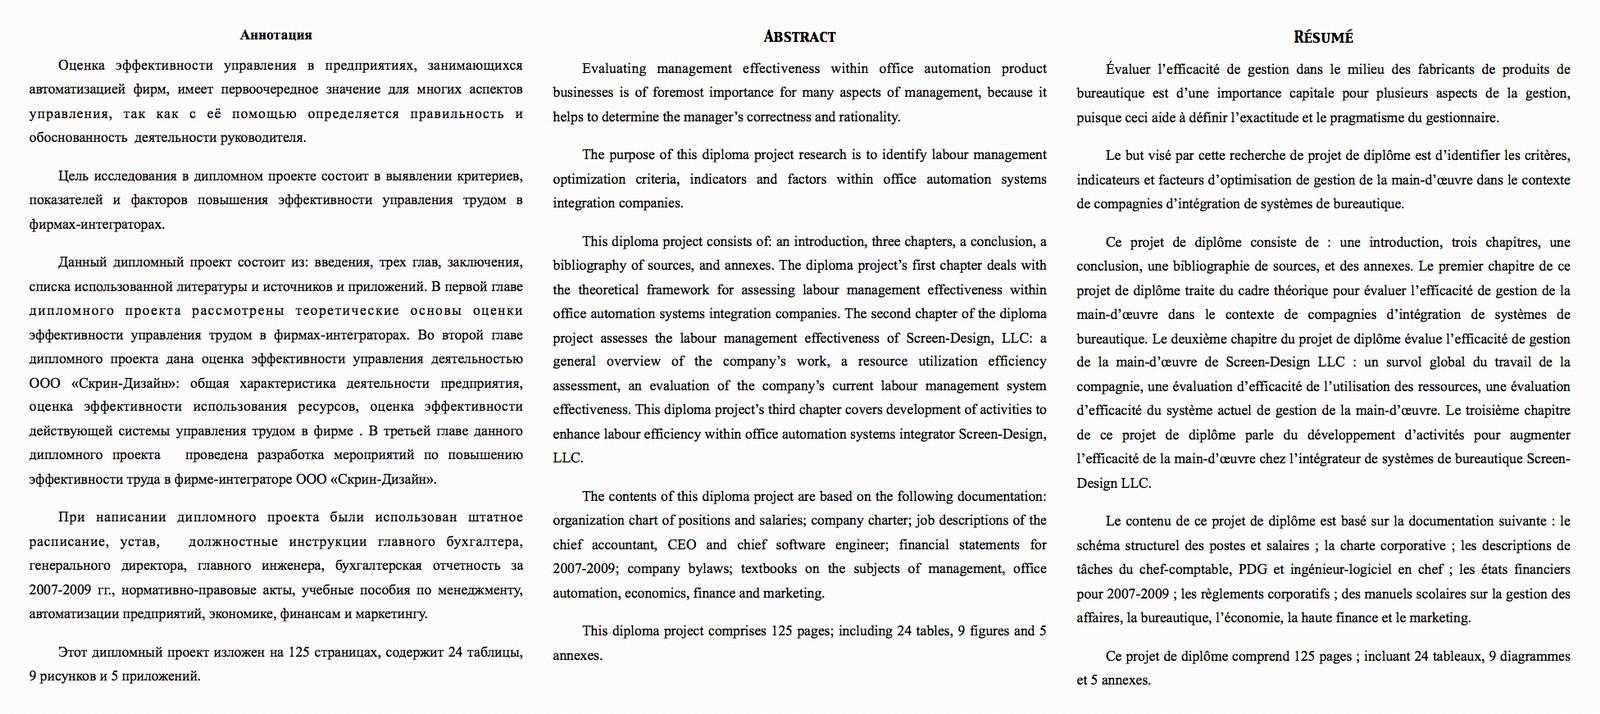 Аннотация к диплому Менеджмент Фрилансер Ирина Дени irina denis  Аннотация к диплому Менеджмент